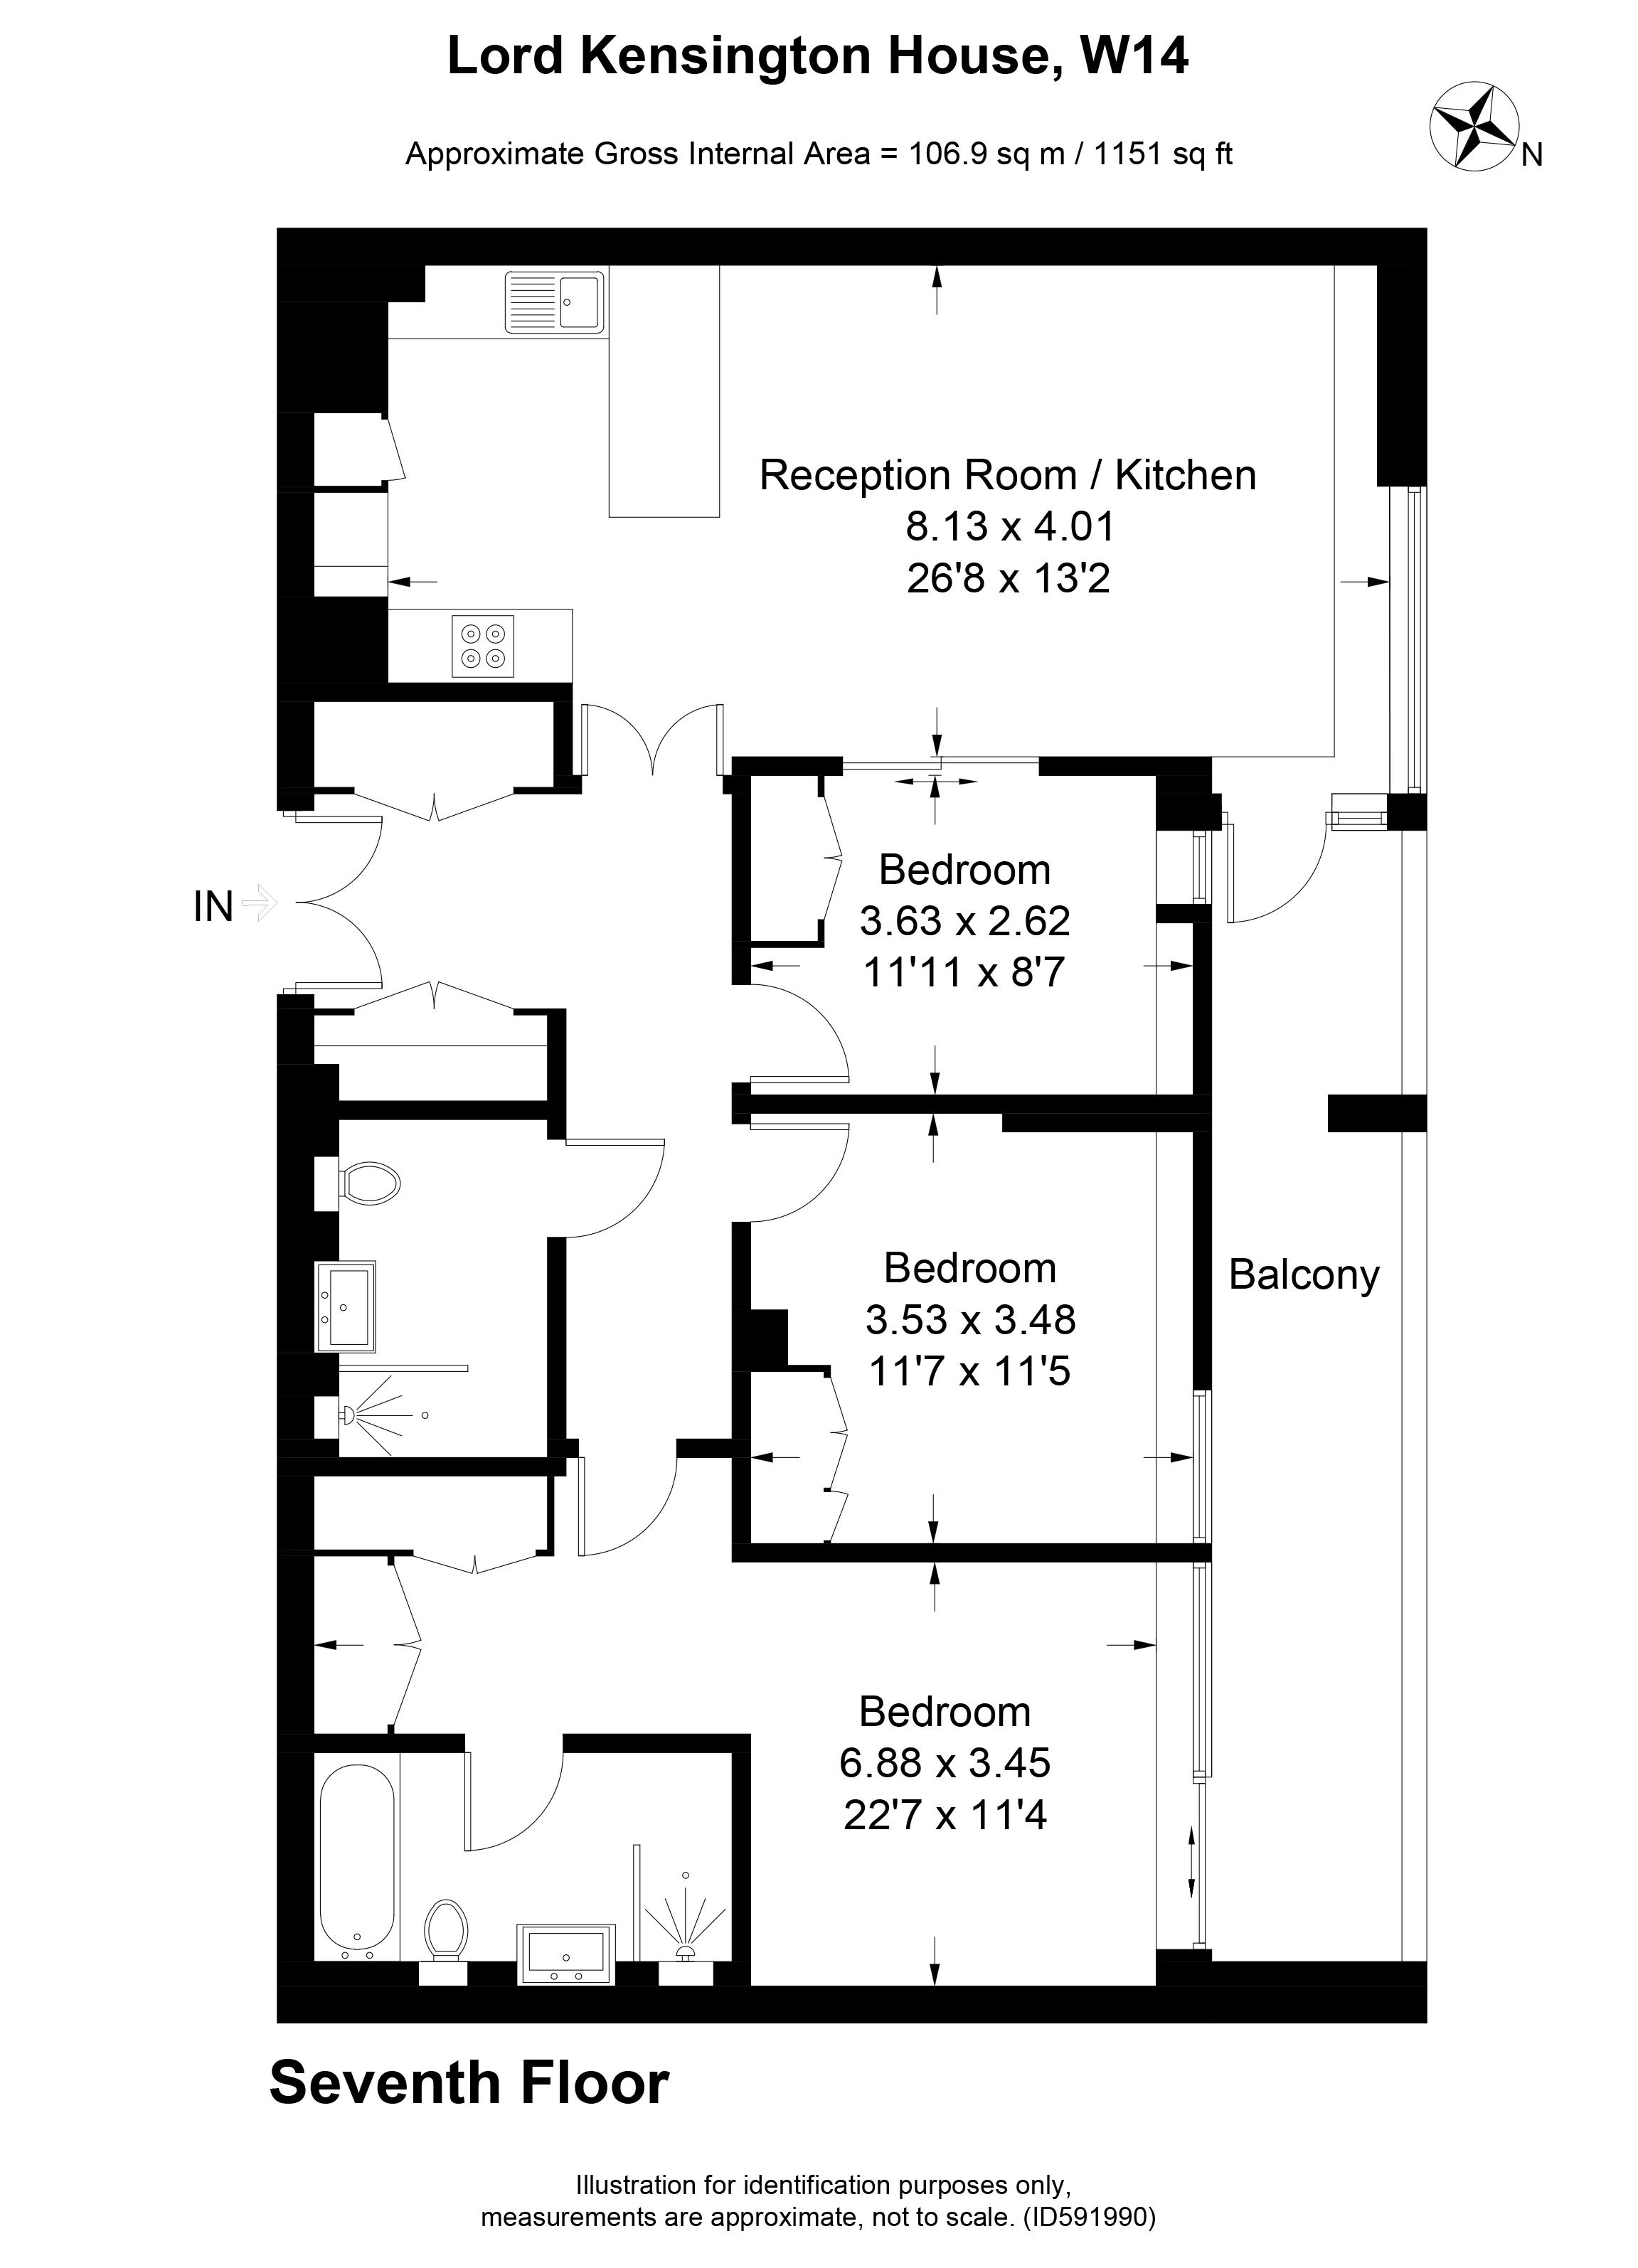 Lord Kensington House, 375 KHS, London W14